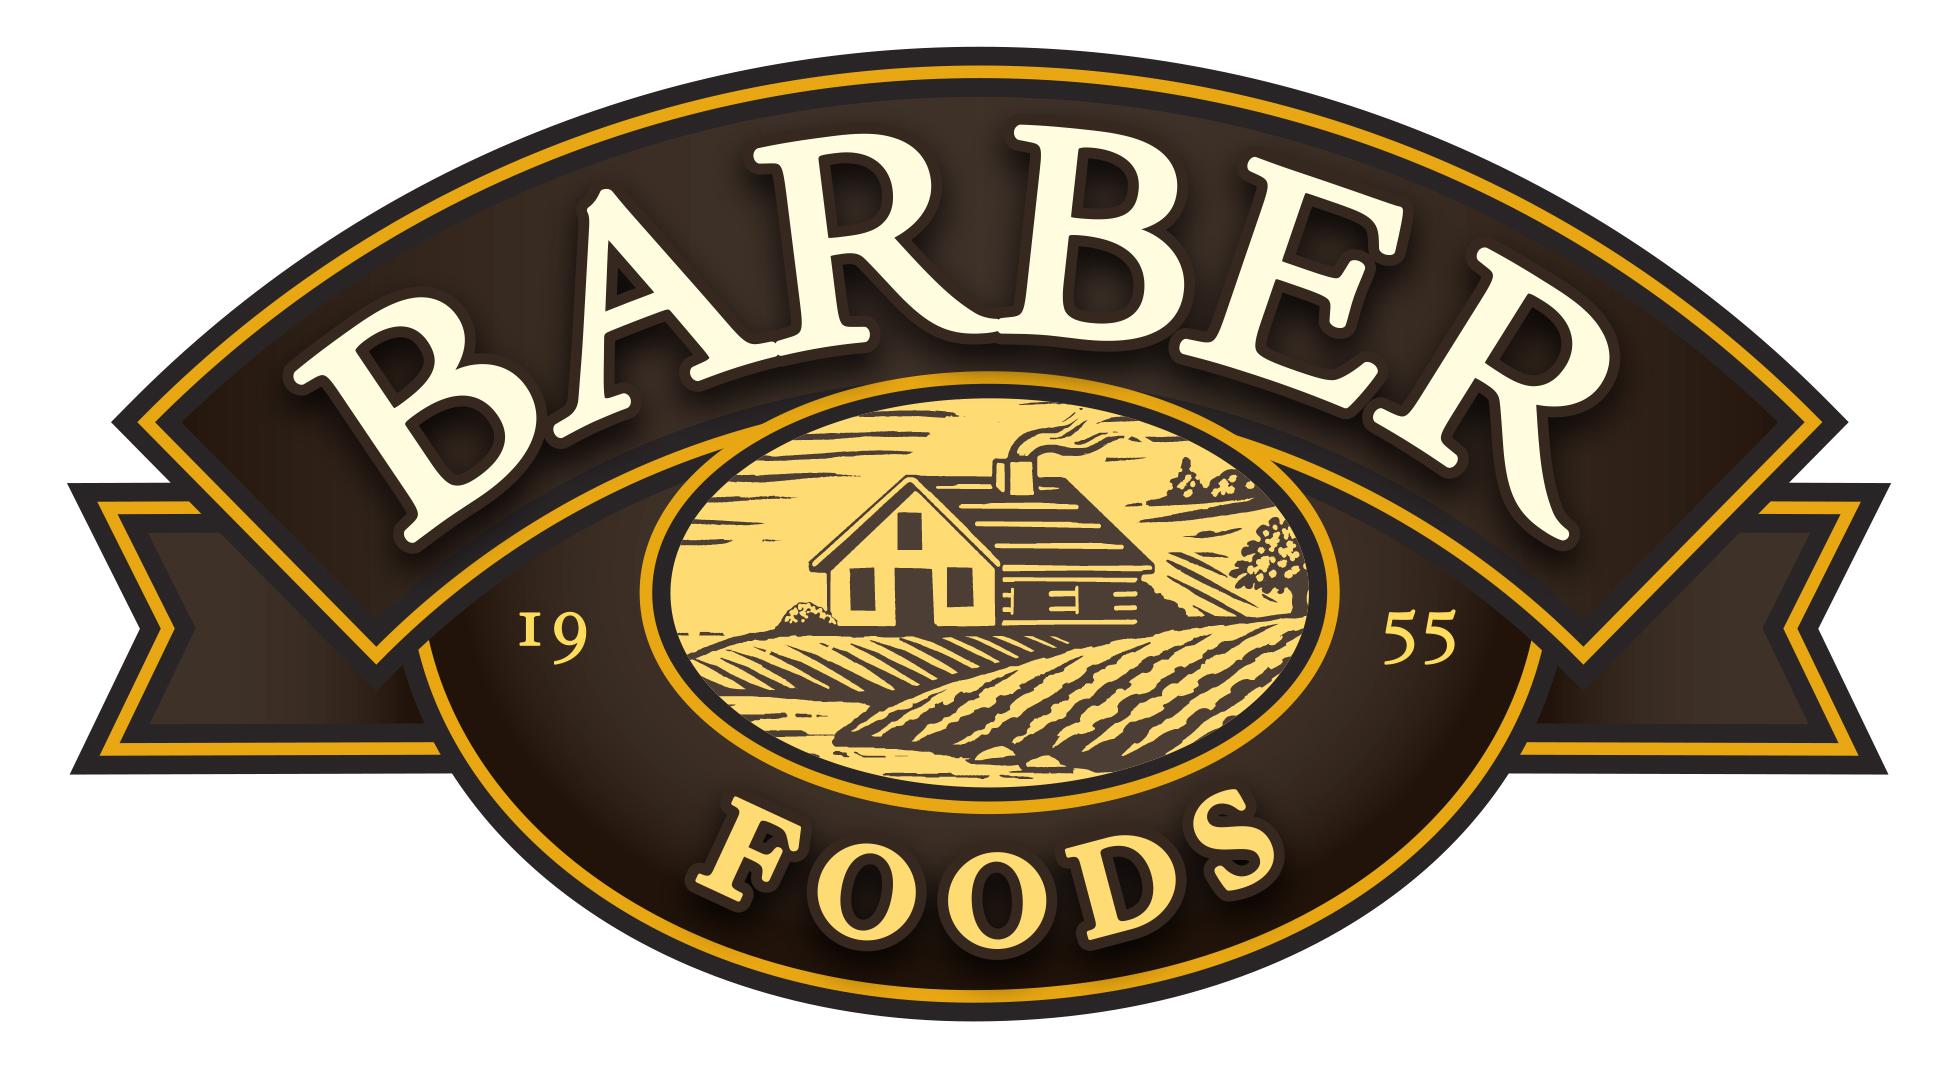 Barber Foods